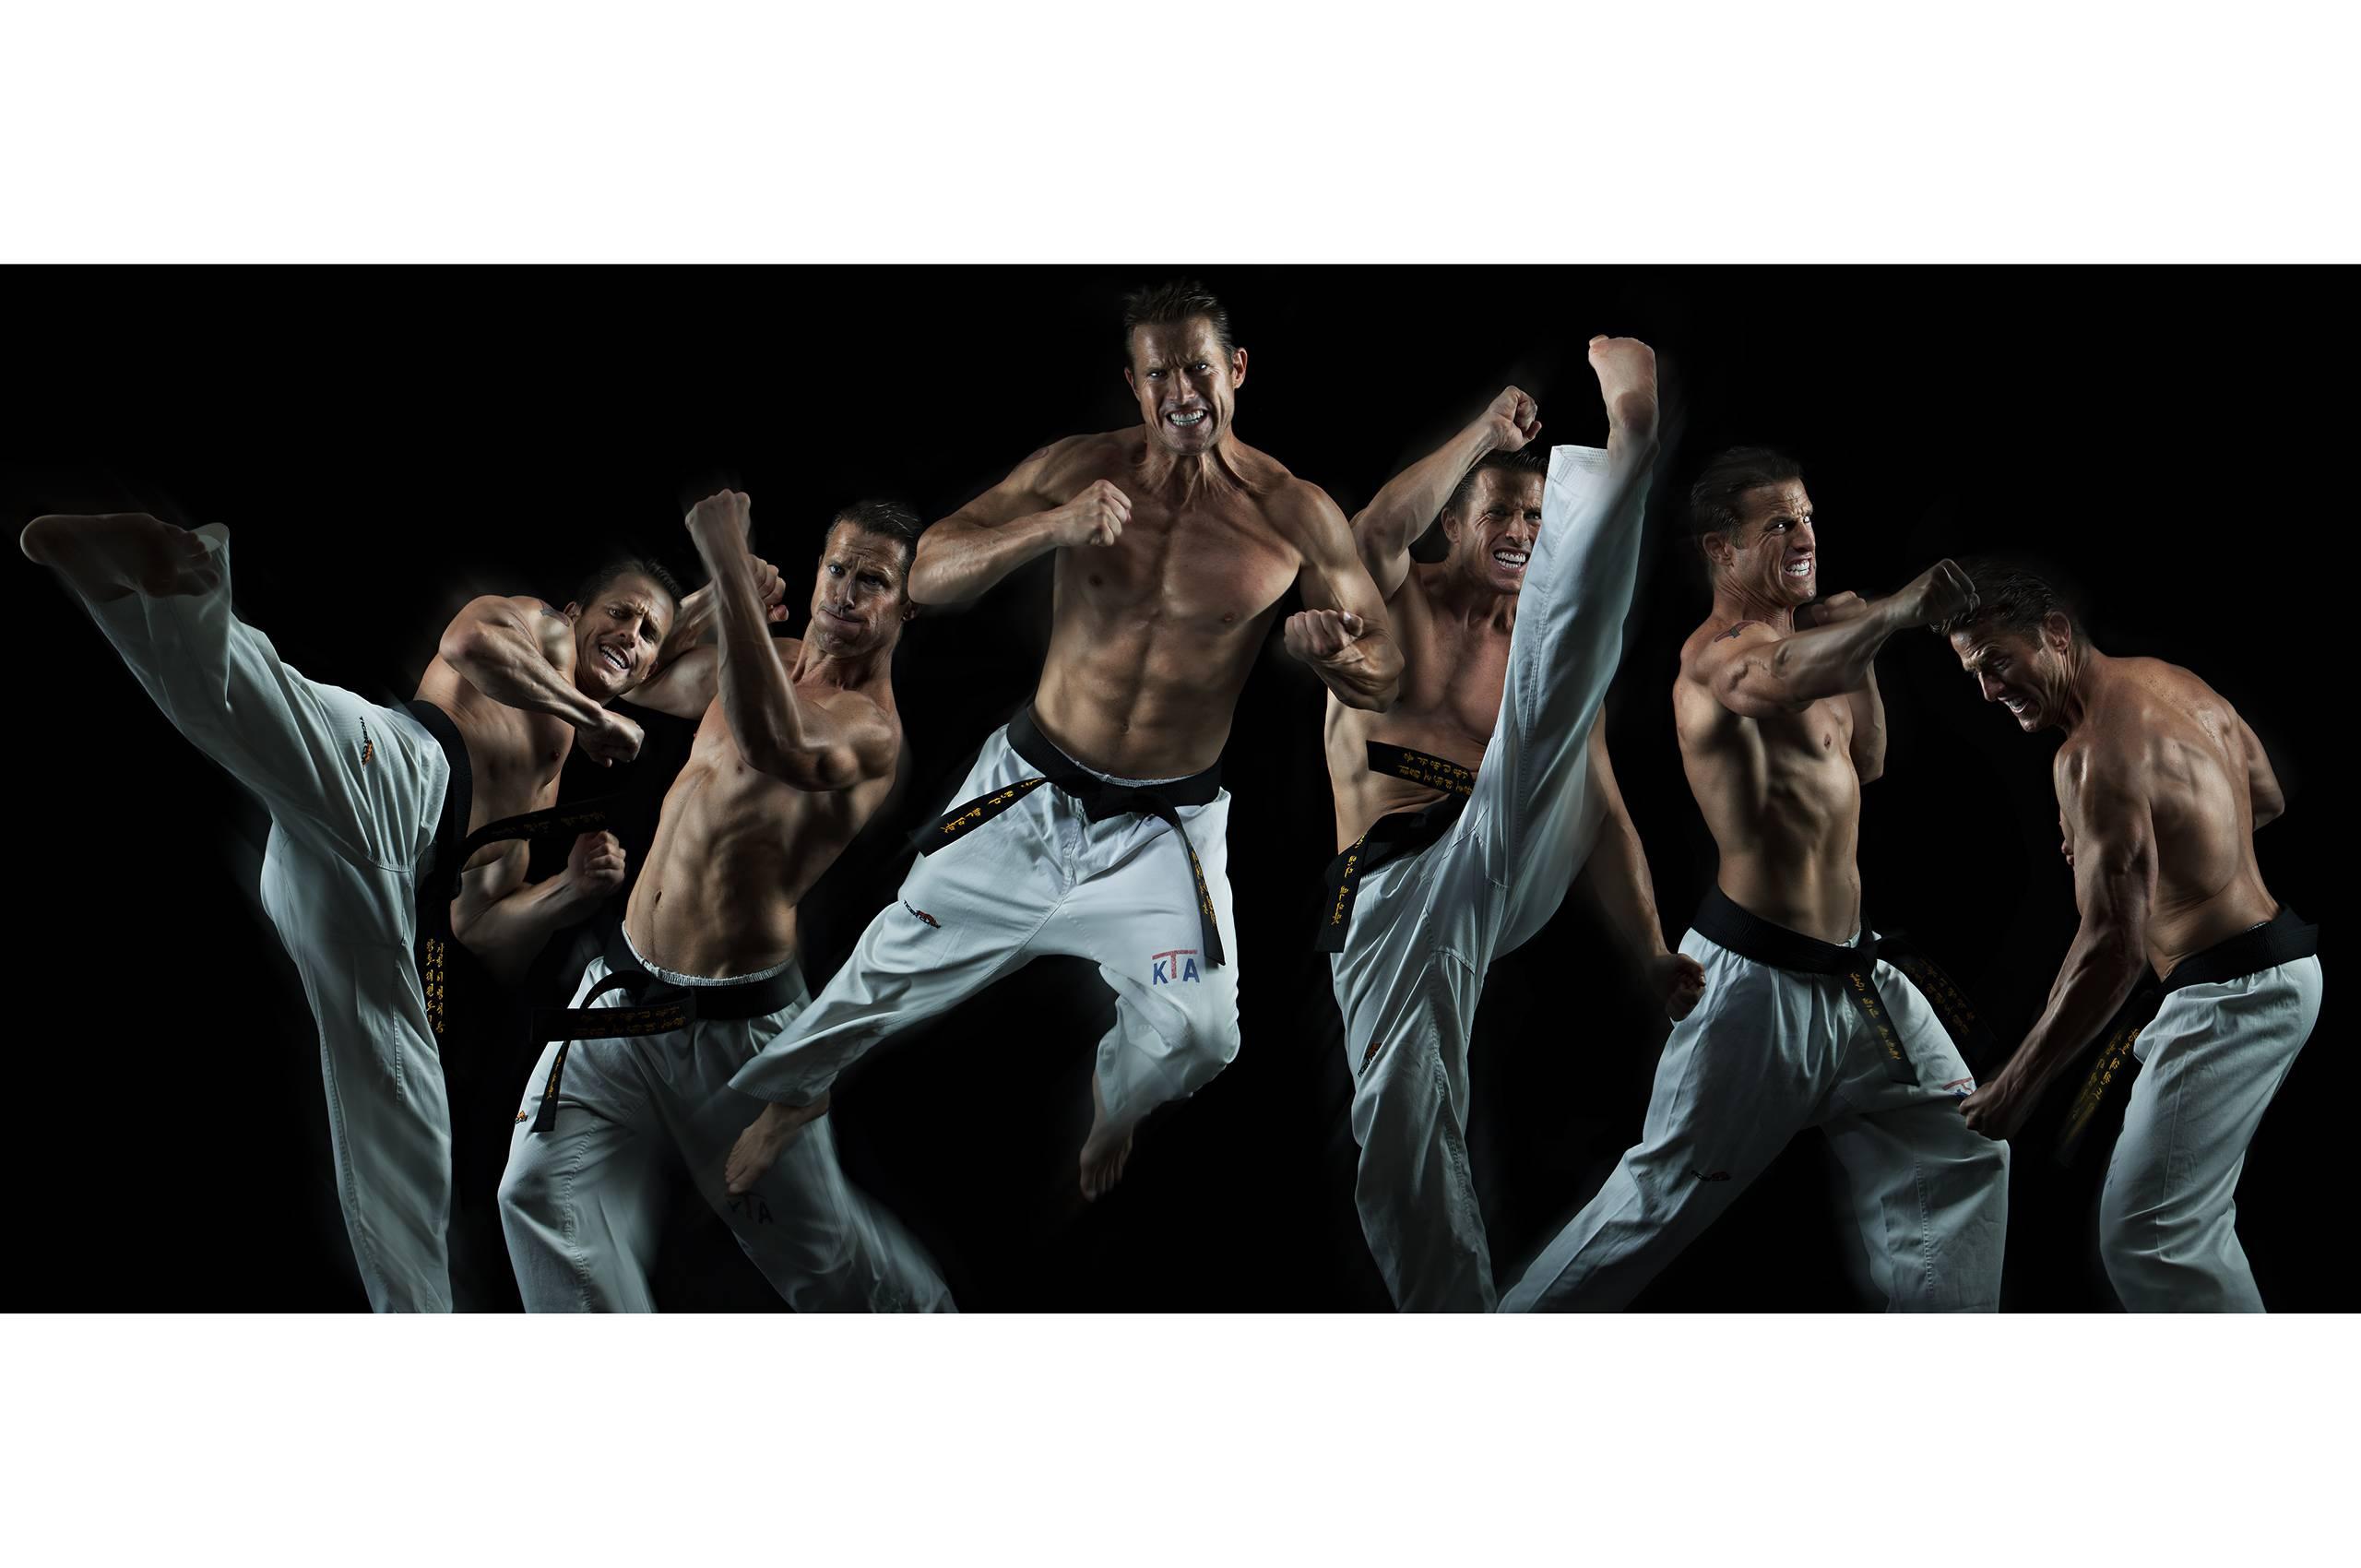 taekwondo1resize.jpg